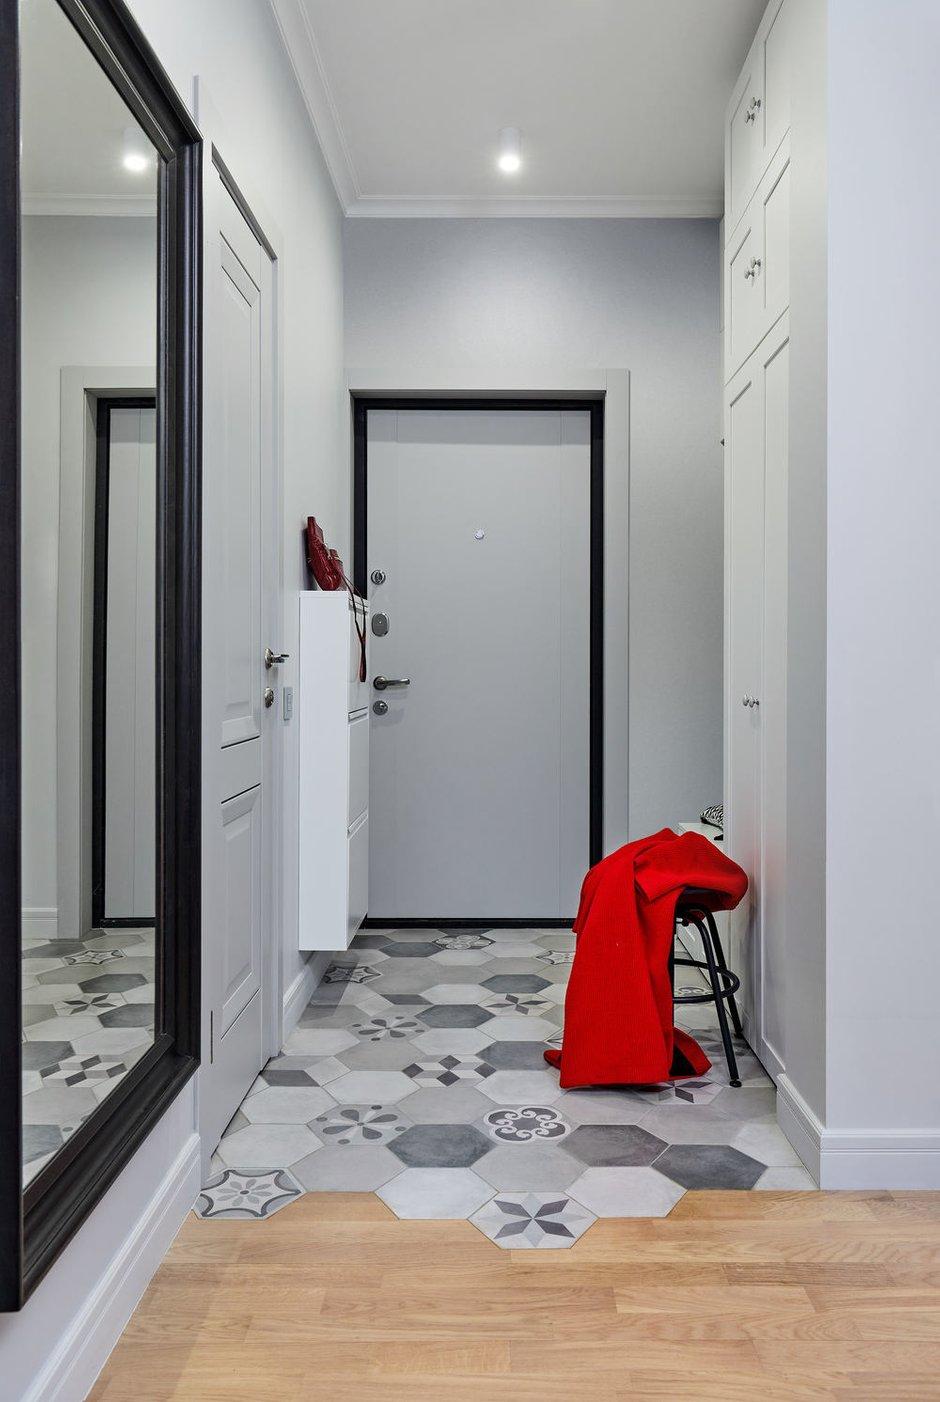 Фотография: Прихожая в стиле Современный, Квартира, Студия, Проект недели, Долгопрудный, 1 комната, до 40 метров, Марина Каралкина – фото на INMYROOM